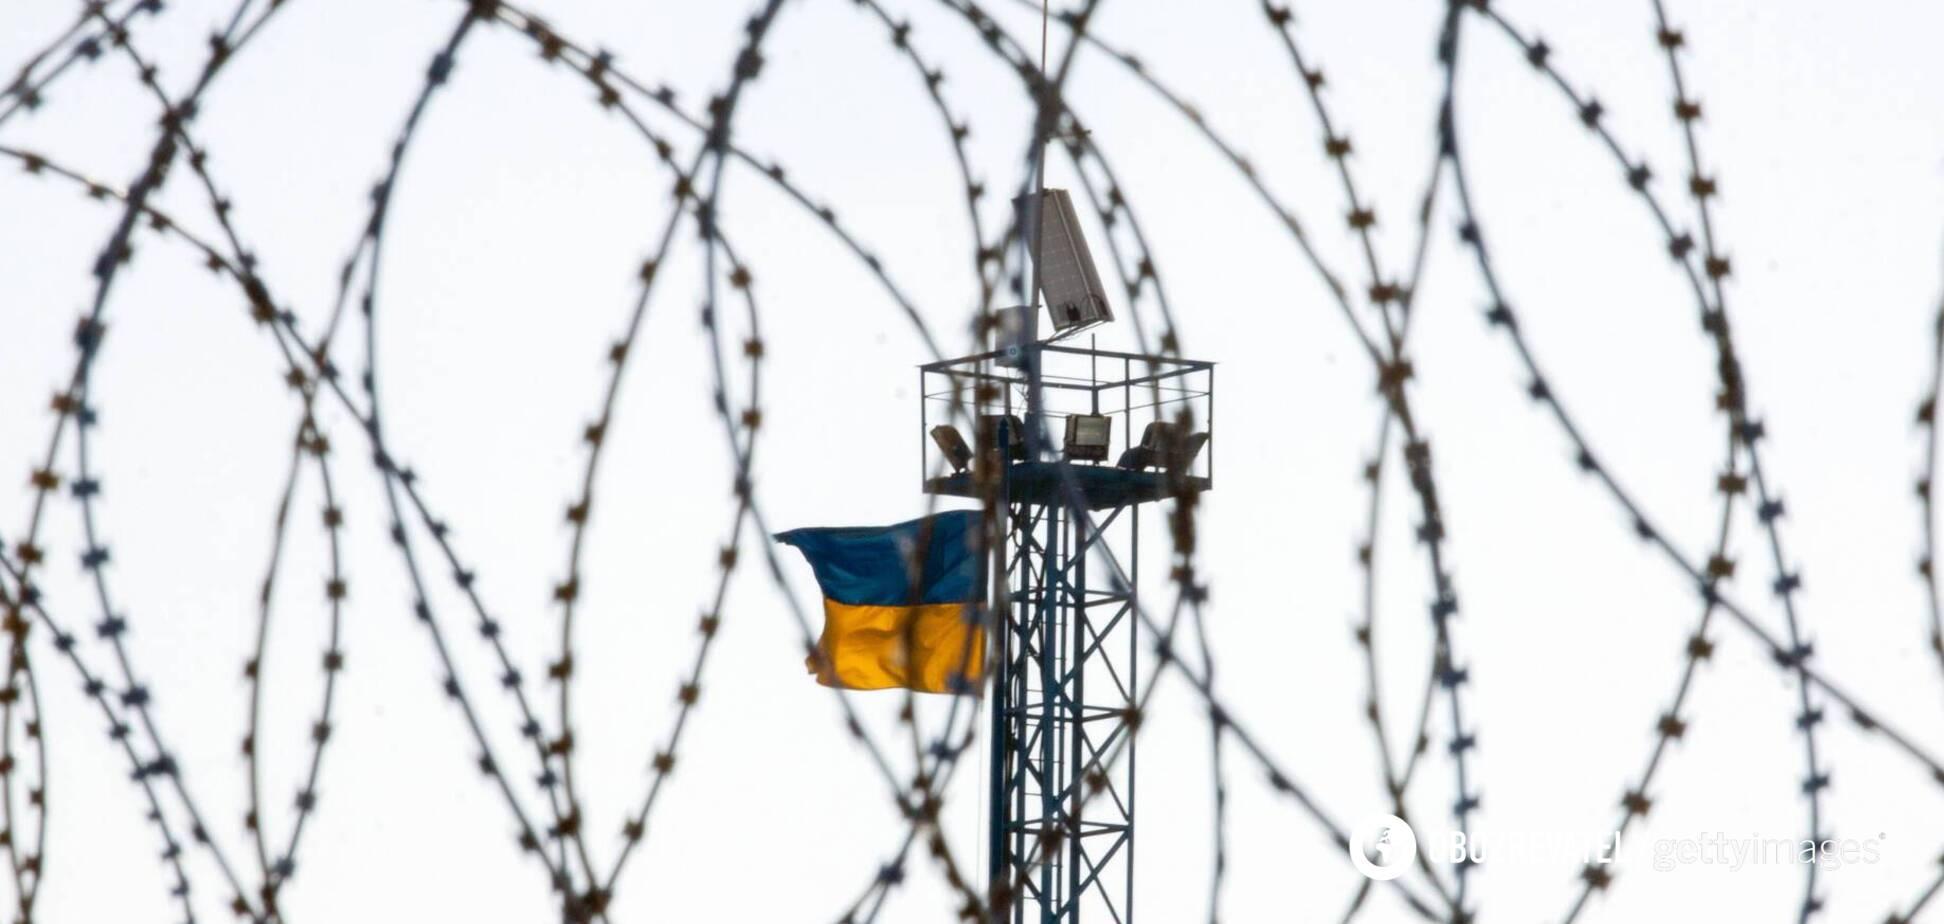 Минфин отказался дать 4,5 млрд гривен на завершение 'стены Яценюка'